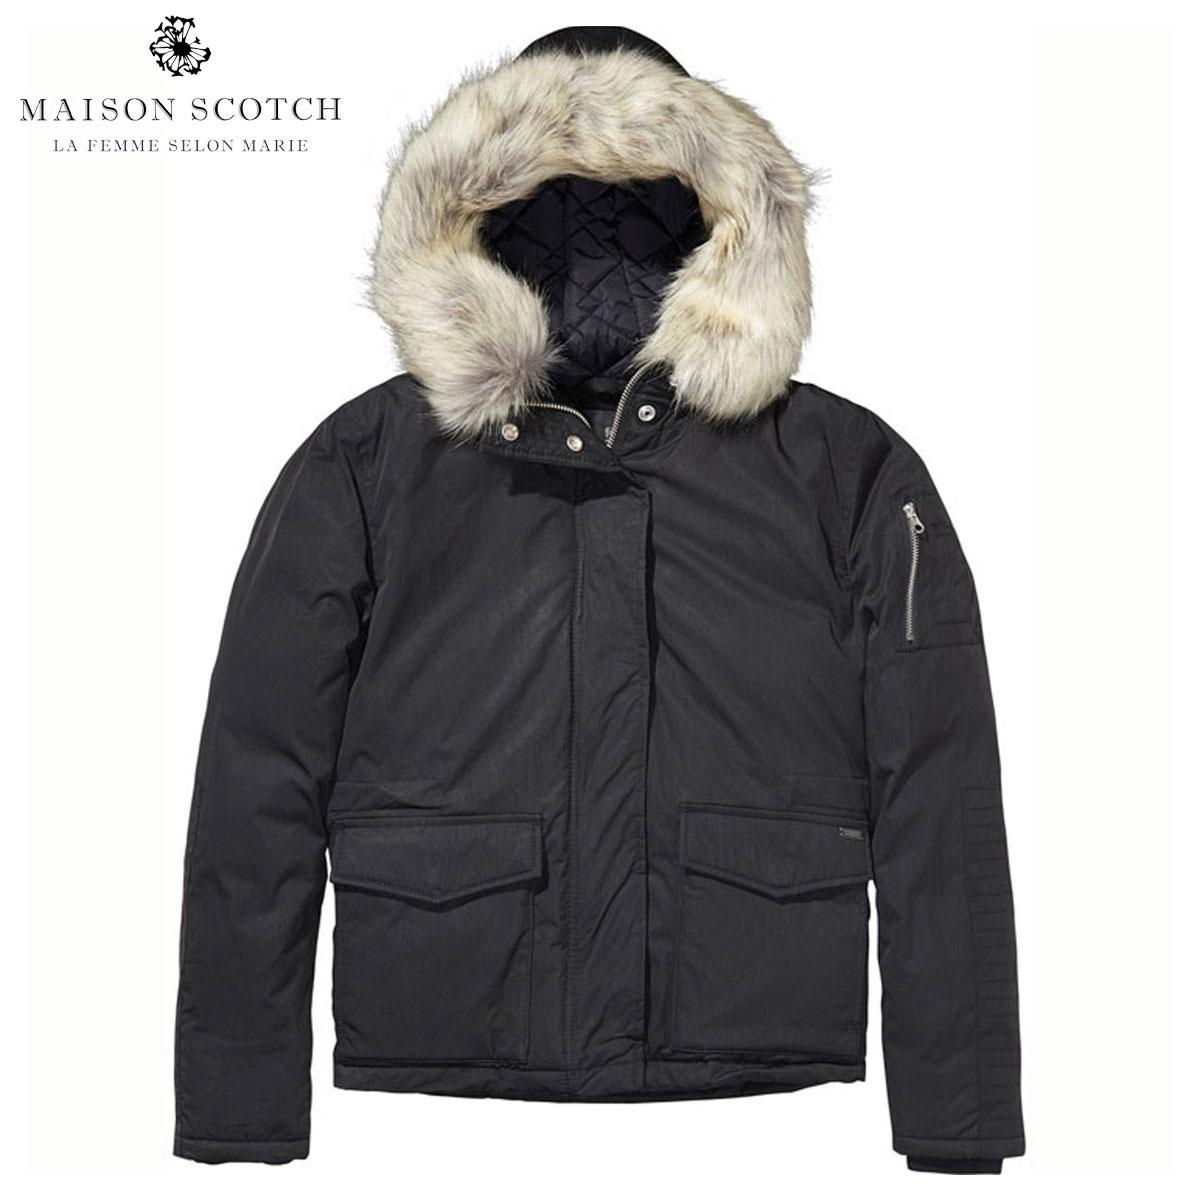 メゾンスコッチ MAISON SCOTCH 正規販売店 レディース ジャケット Short boa jacket 101900 08 D00S20